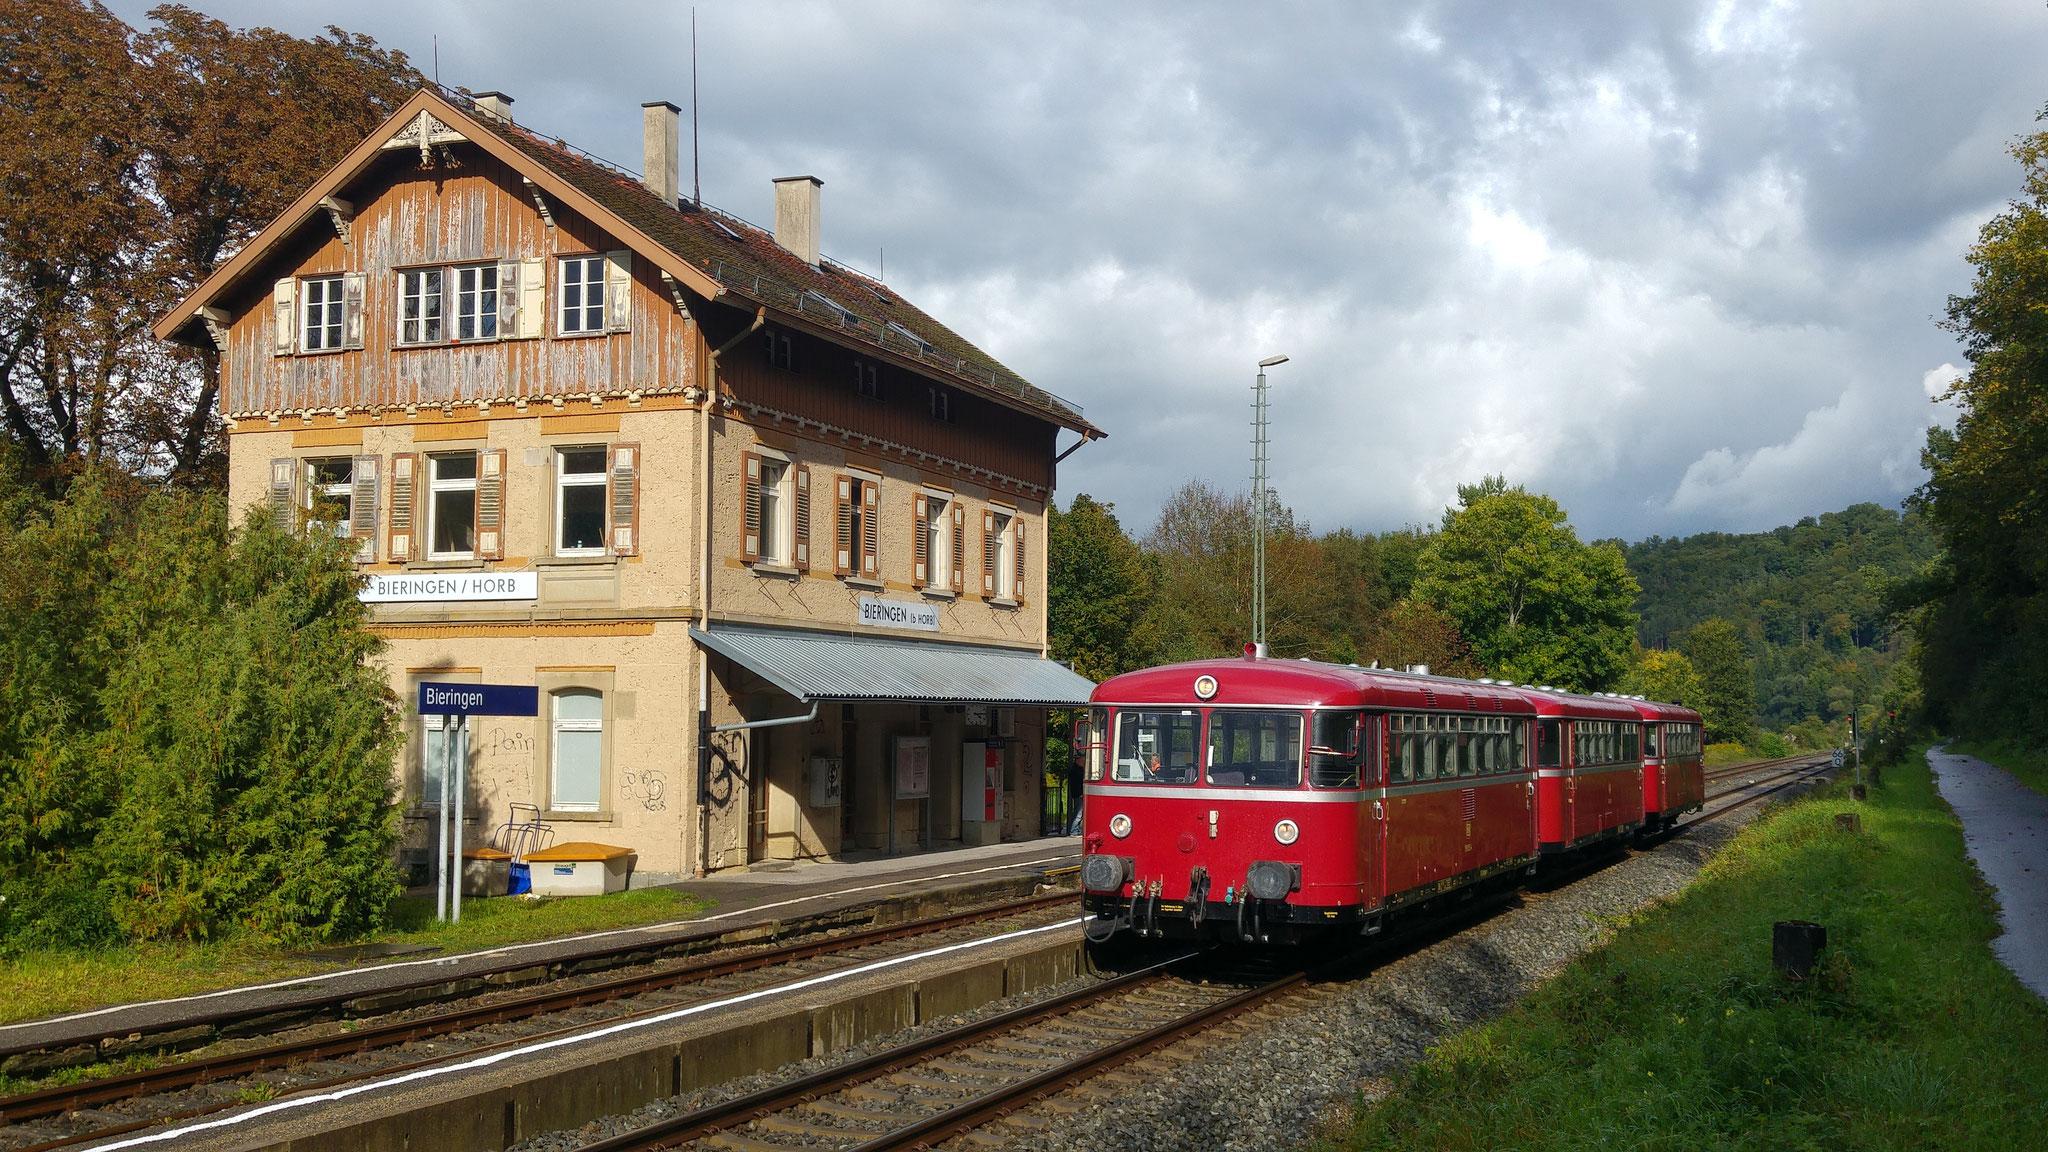 Kurzer Kreuzungshalt im beschaulichen Bahnhof Bieringen bei Horb, gleich geht es weiter über die Obere Neckartalbahn.